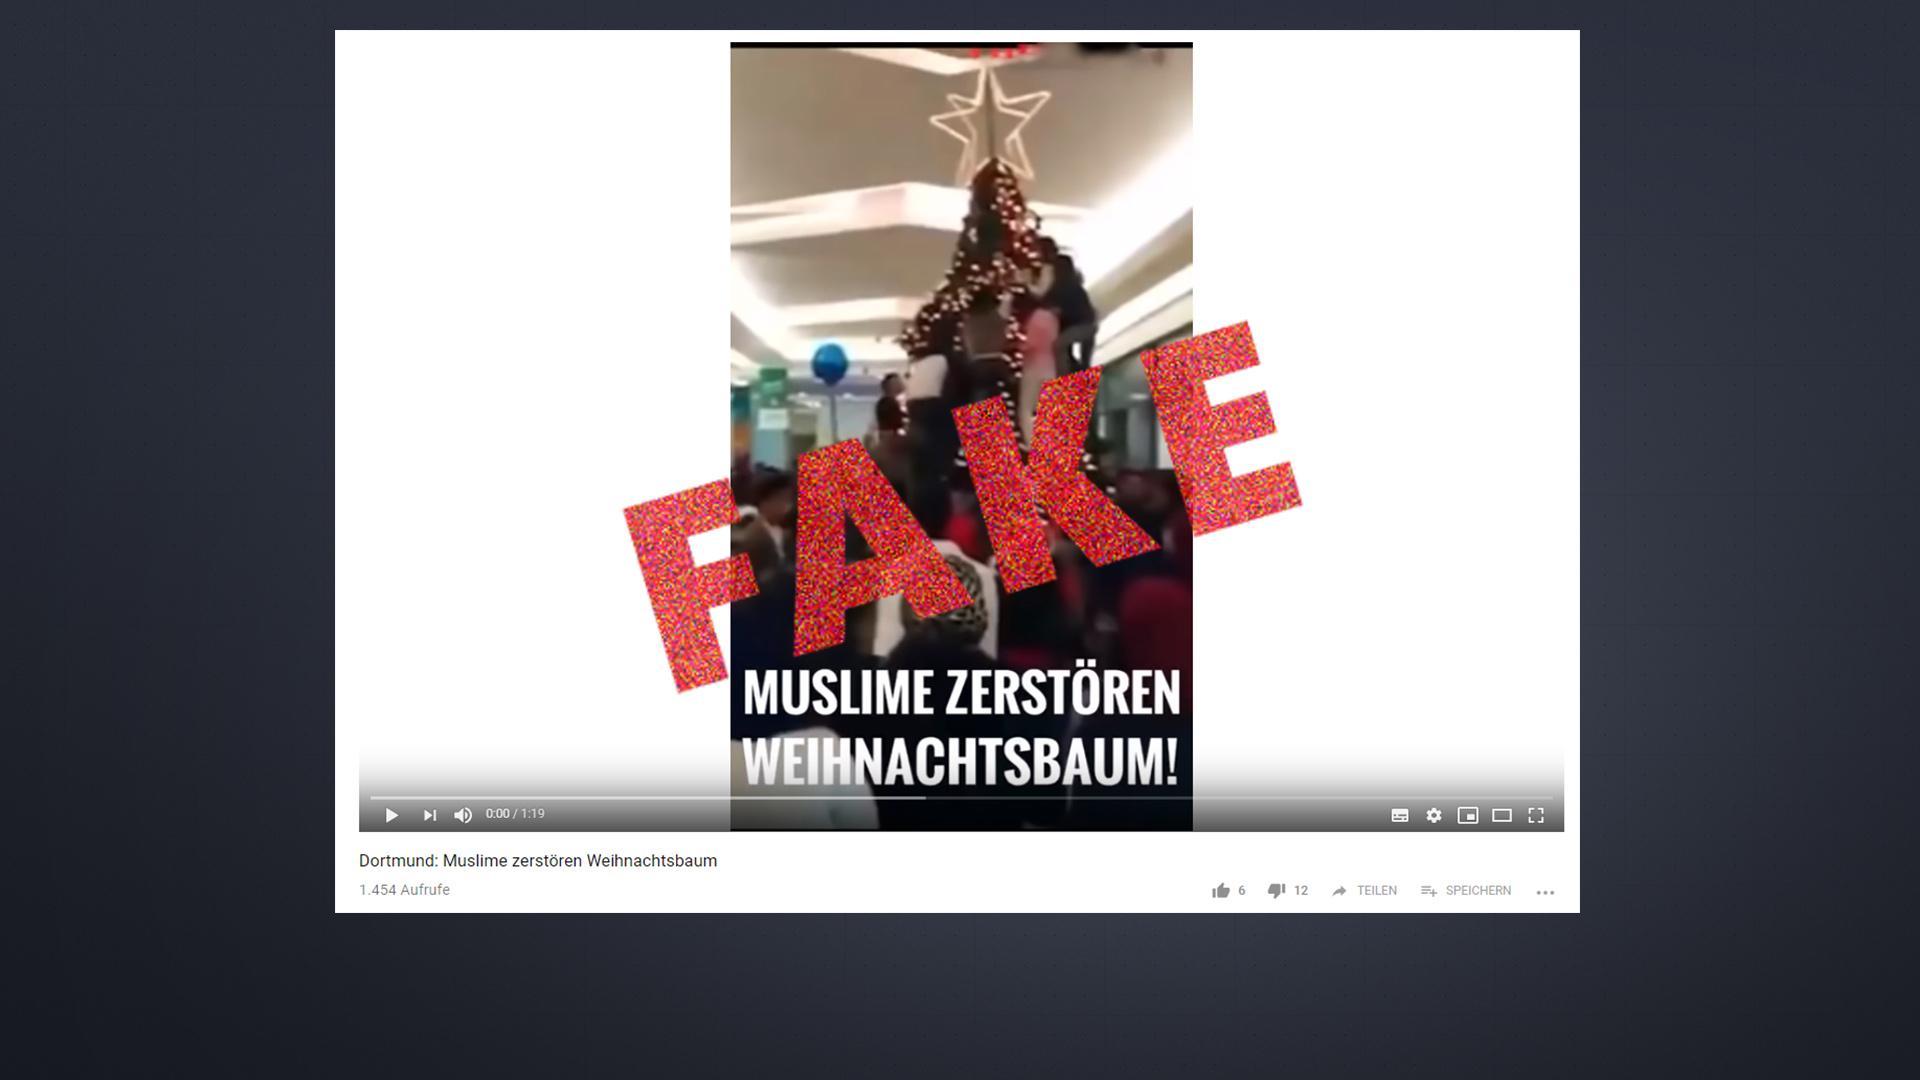 """Unter dem Titel """"Muslime zerstören Weihnachtsbaum"""" verbreitet sich das Fake-Video in diesen Tagen rasant."""